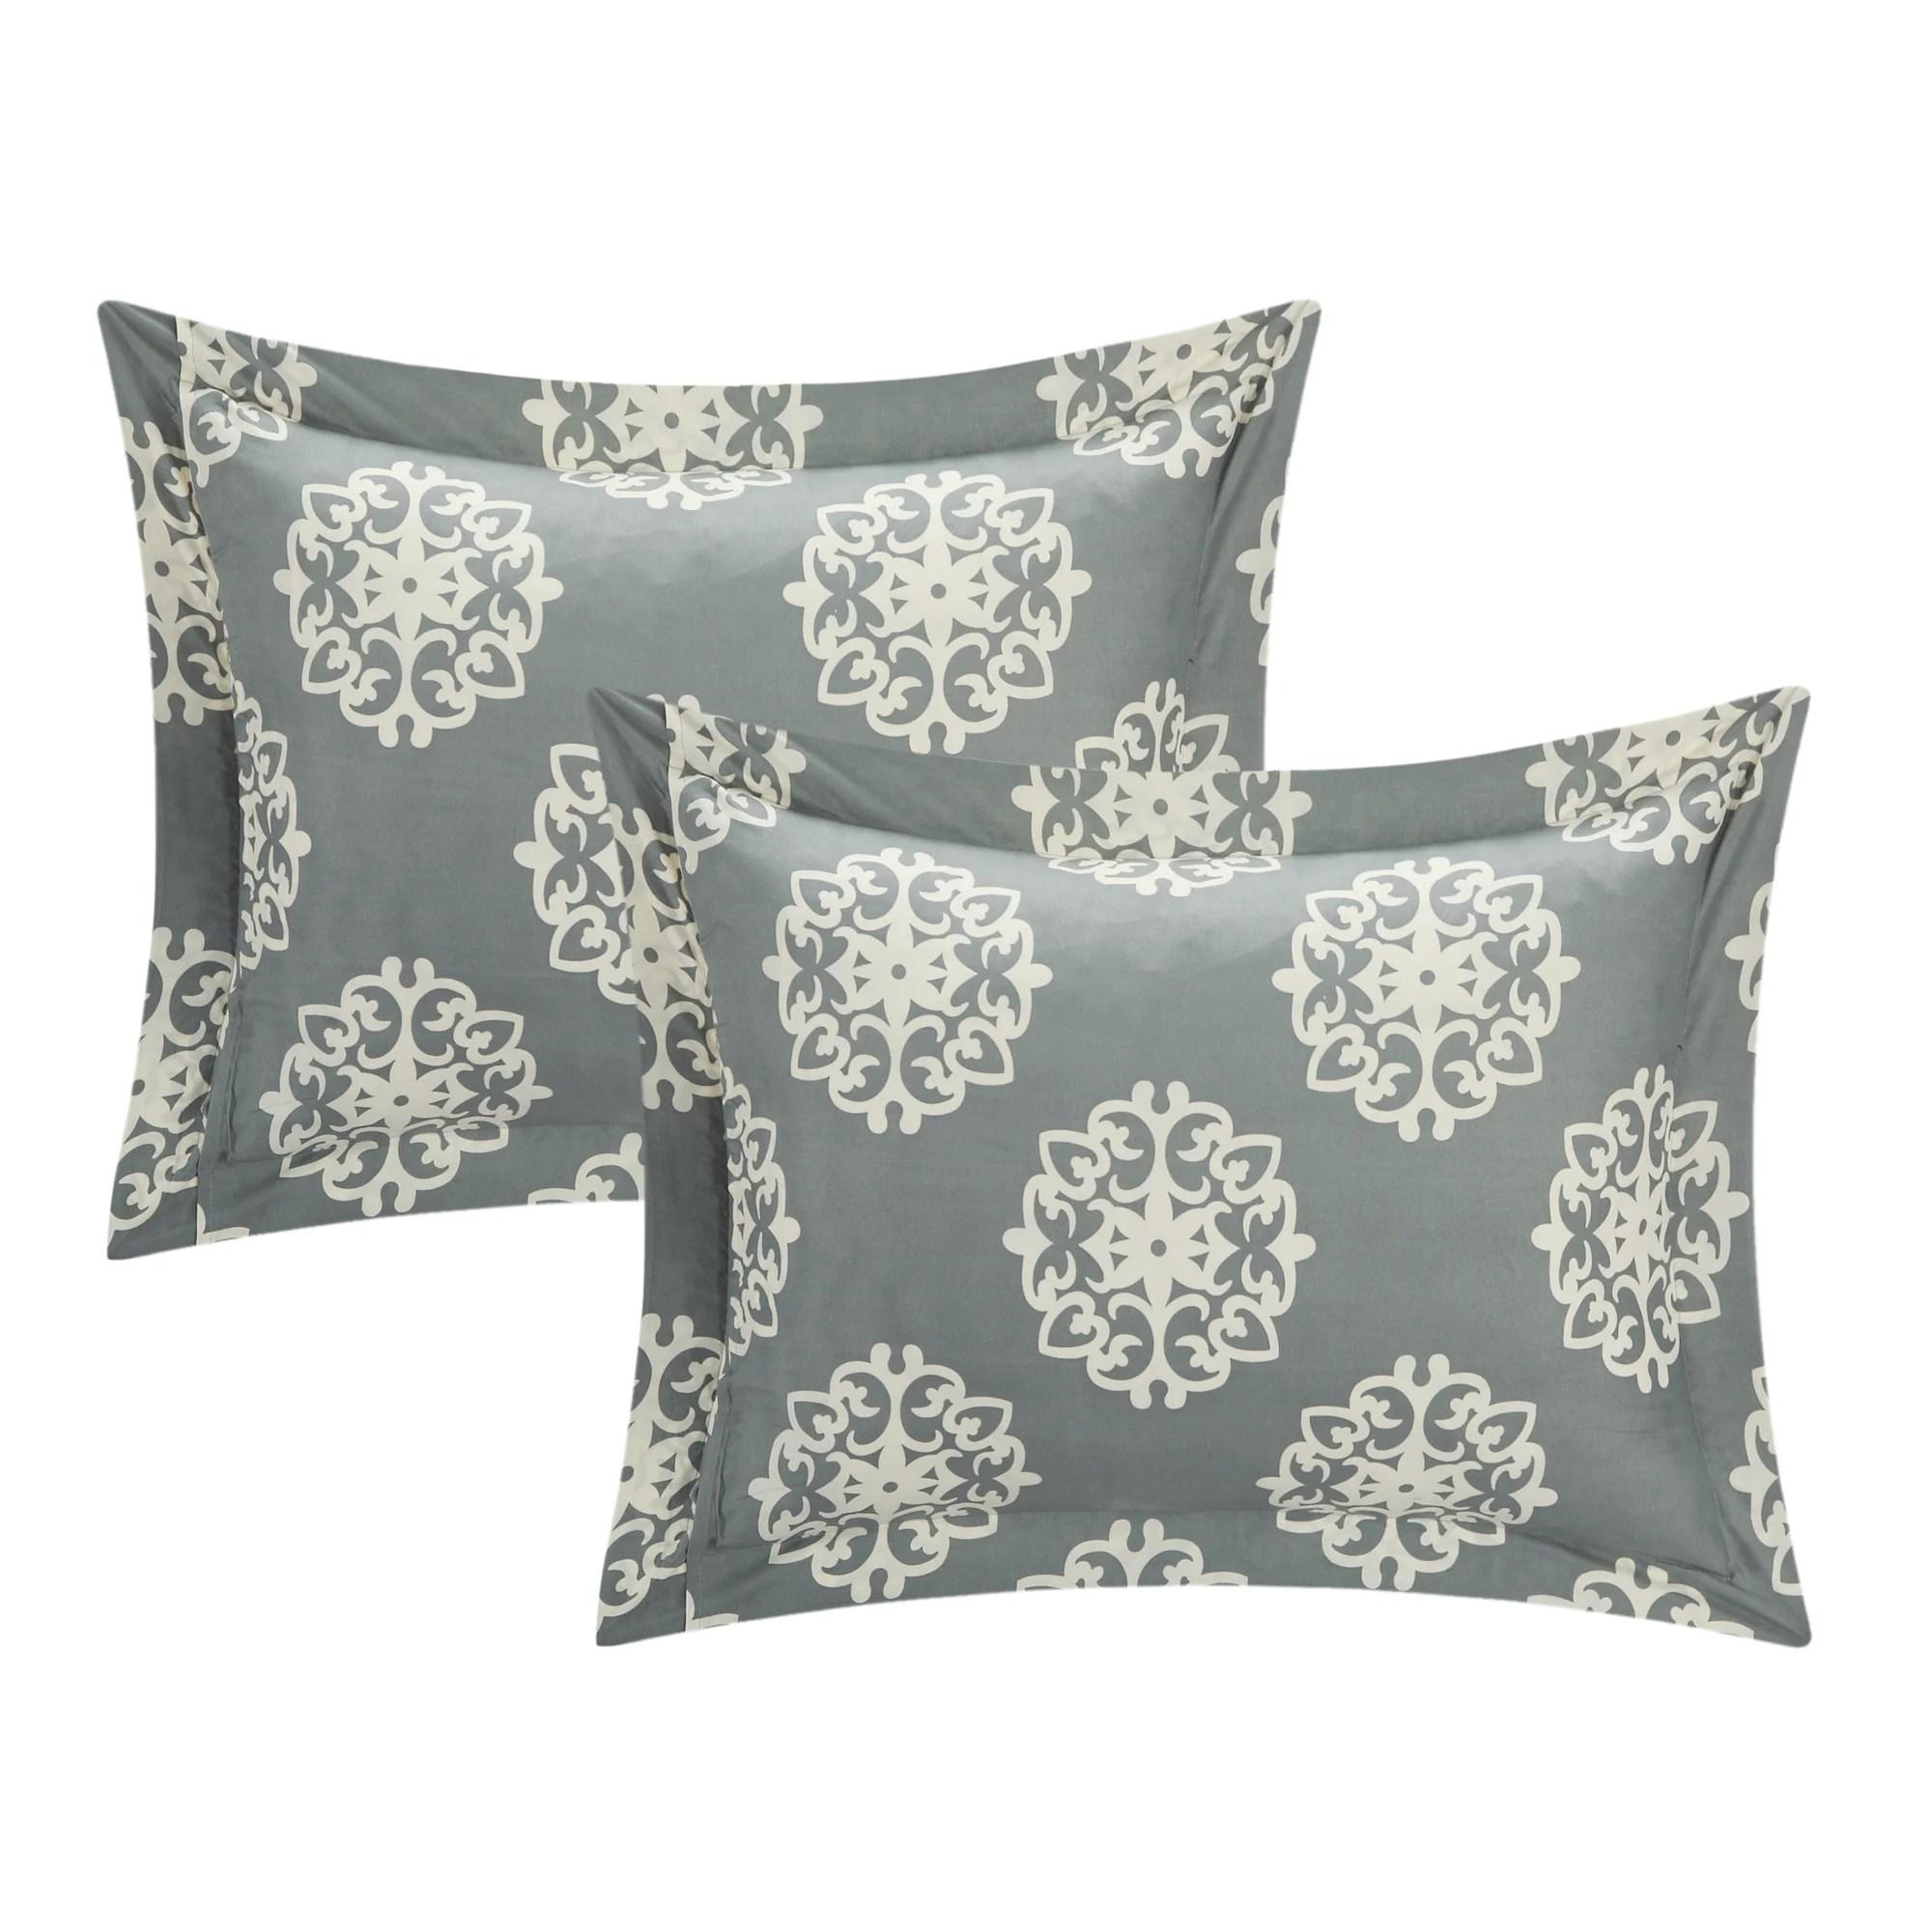 Chic Home Jerome Boho Inspired Reversible Duvet Cover Set